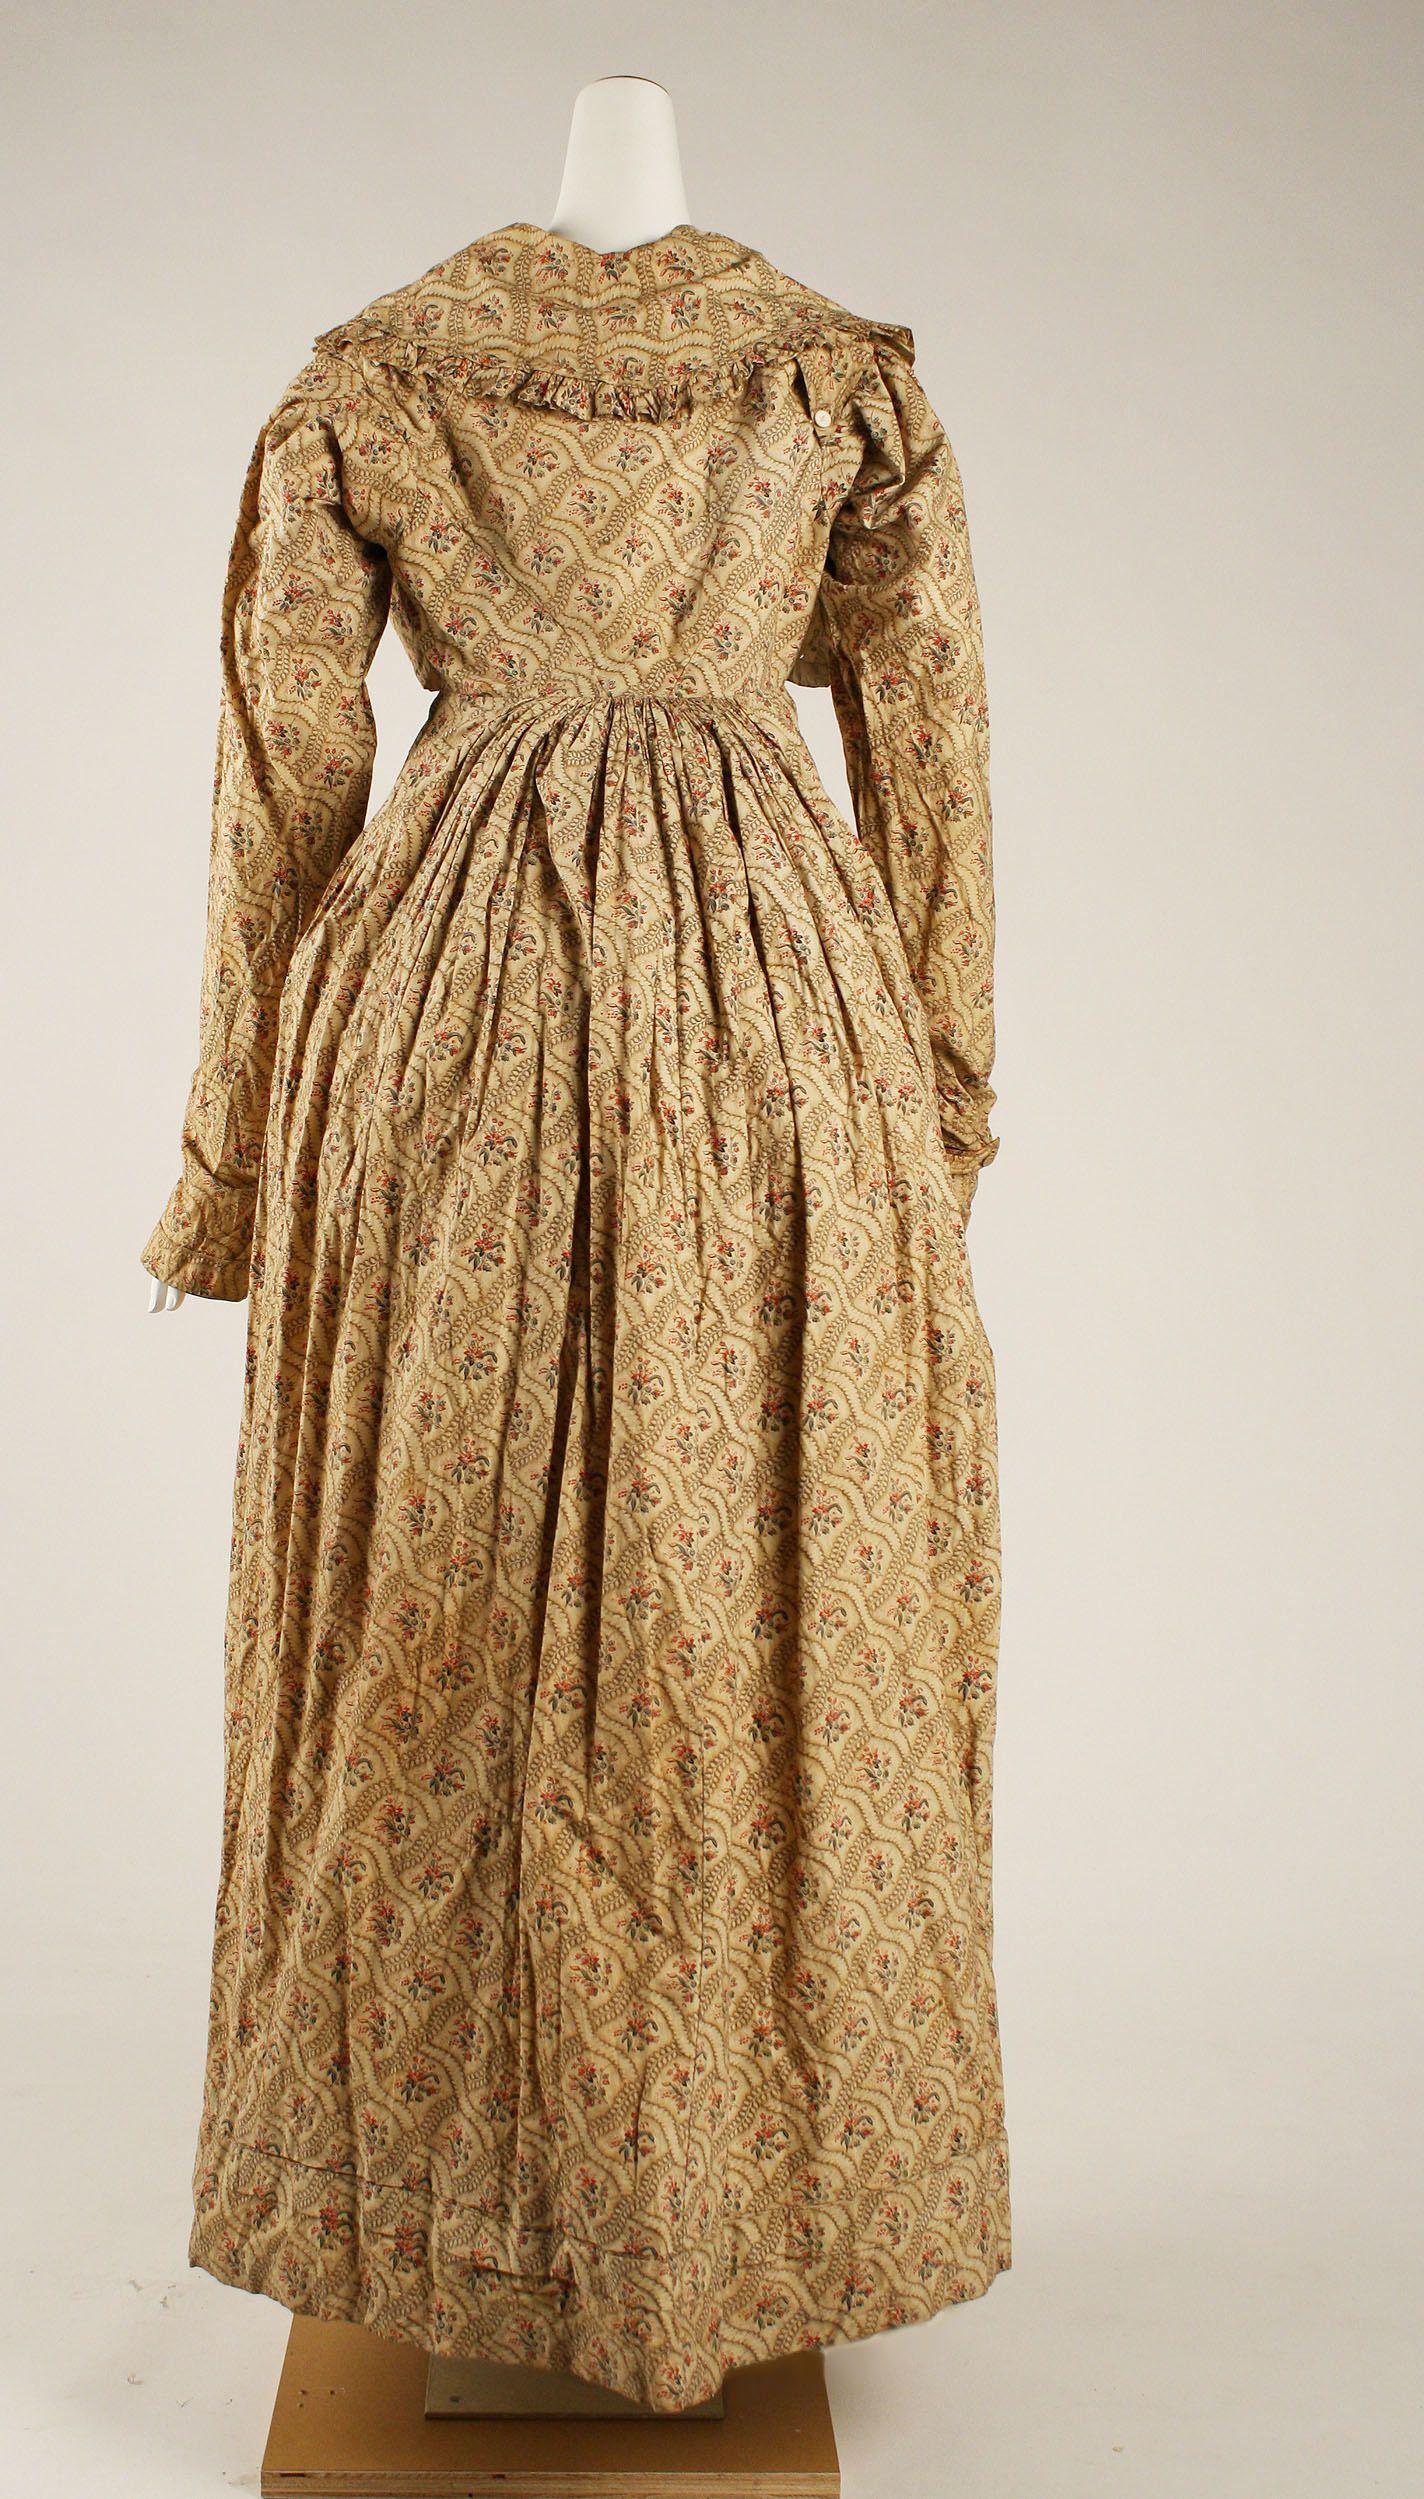 1818 Dress   British   The Metropolitan Museum of Art